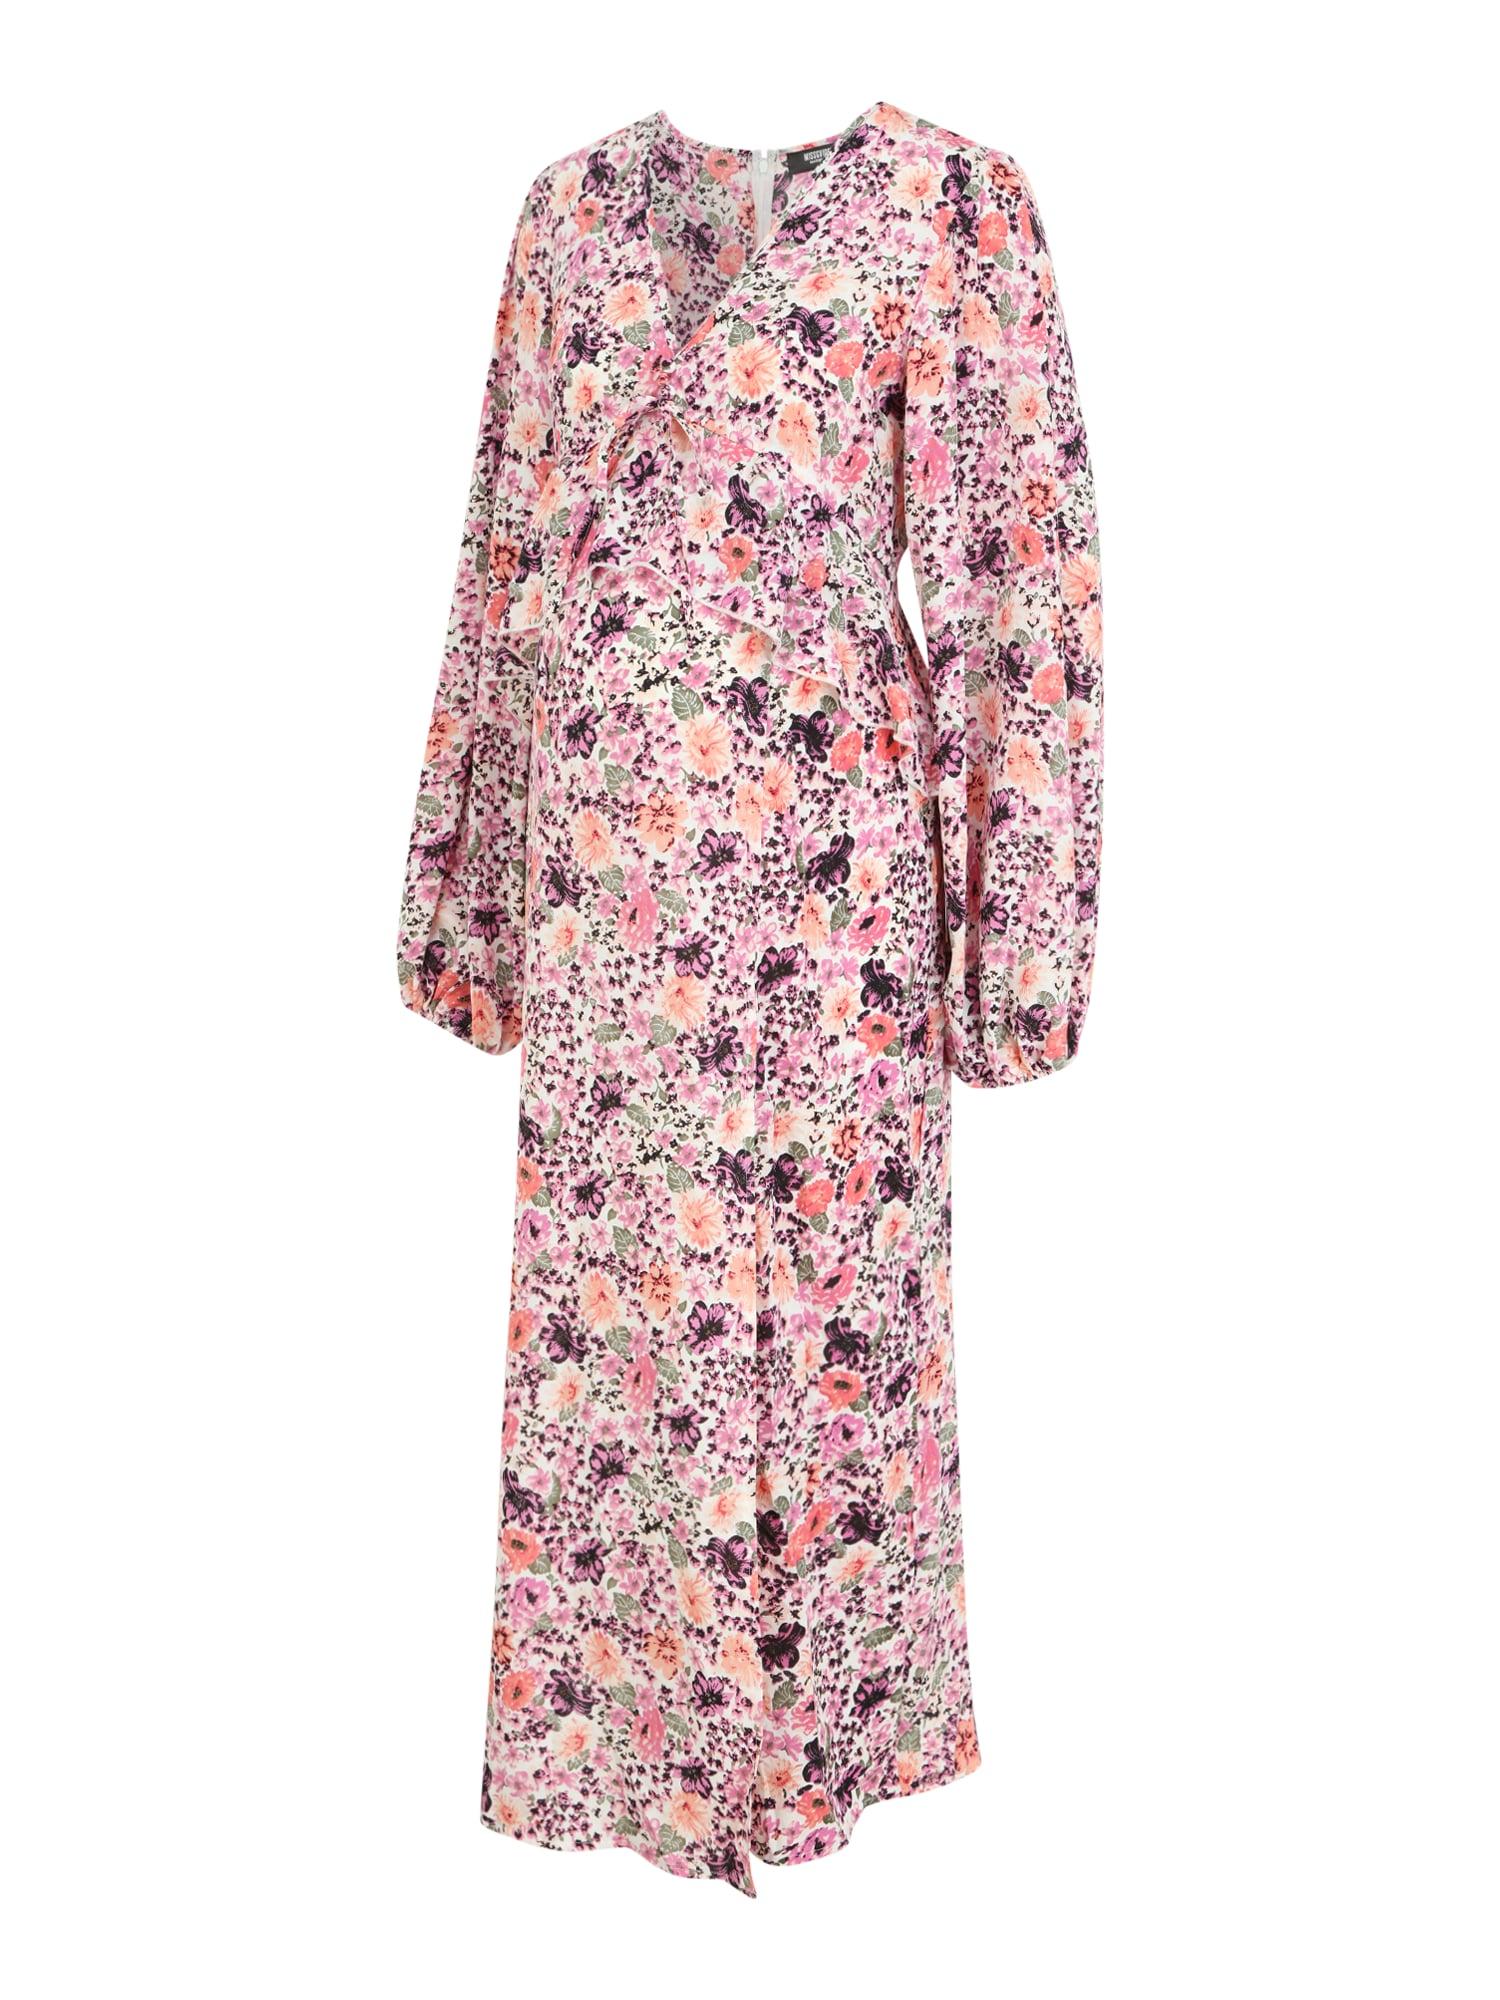 Missguided Maternity Suknelė rožinė / purpurinė / koralų splava / žalia